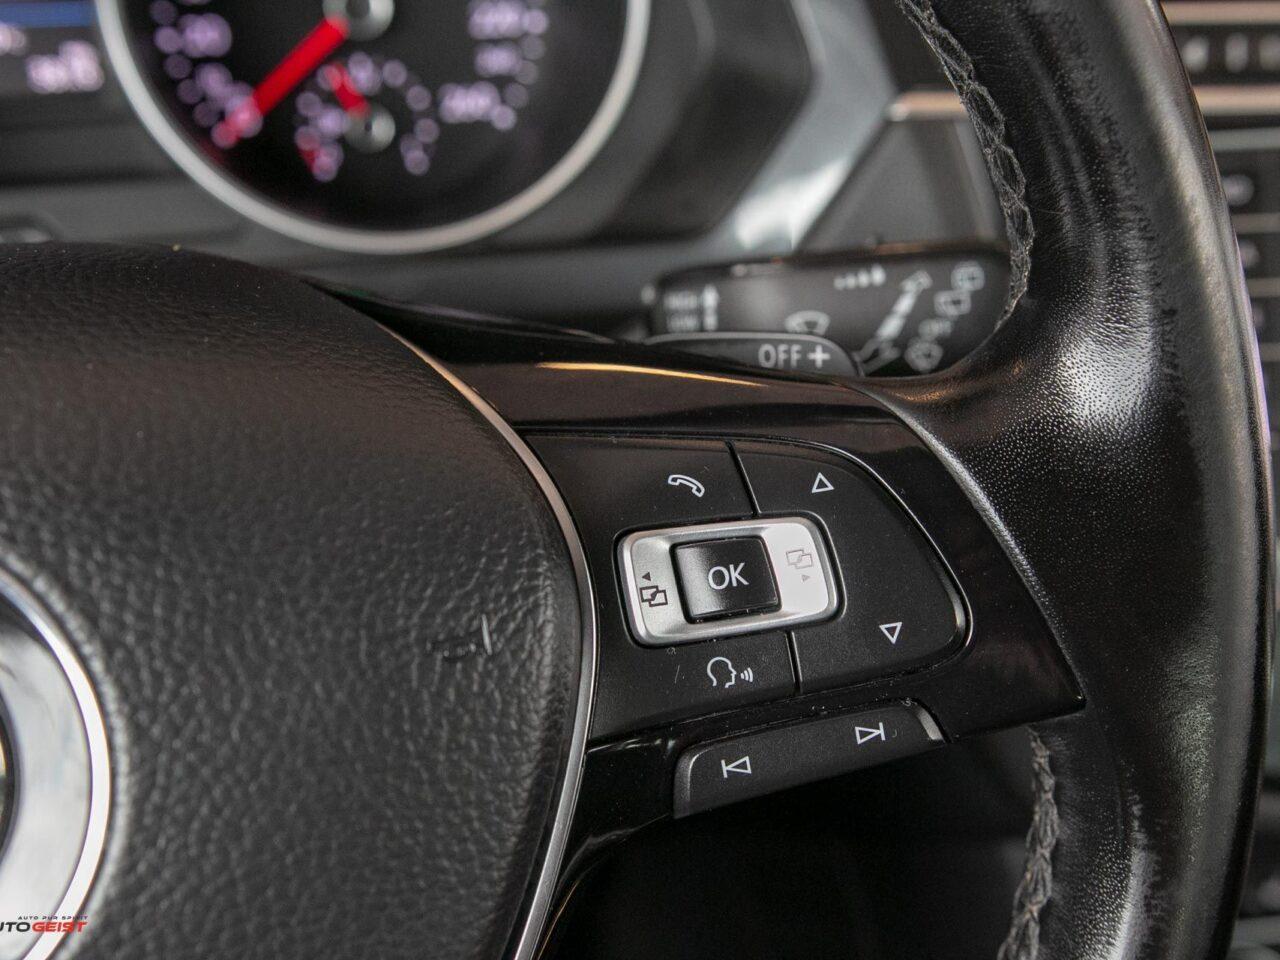 VW-Tiguan-9992